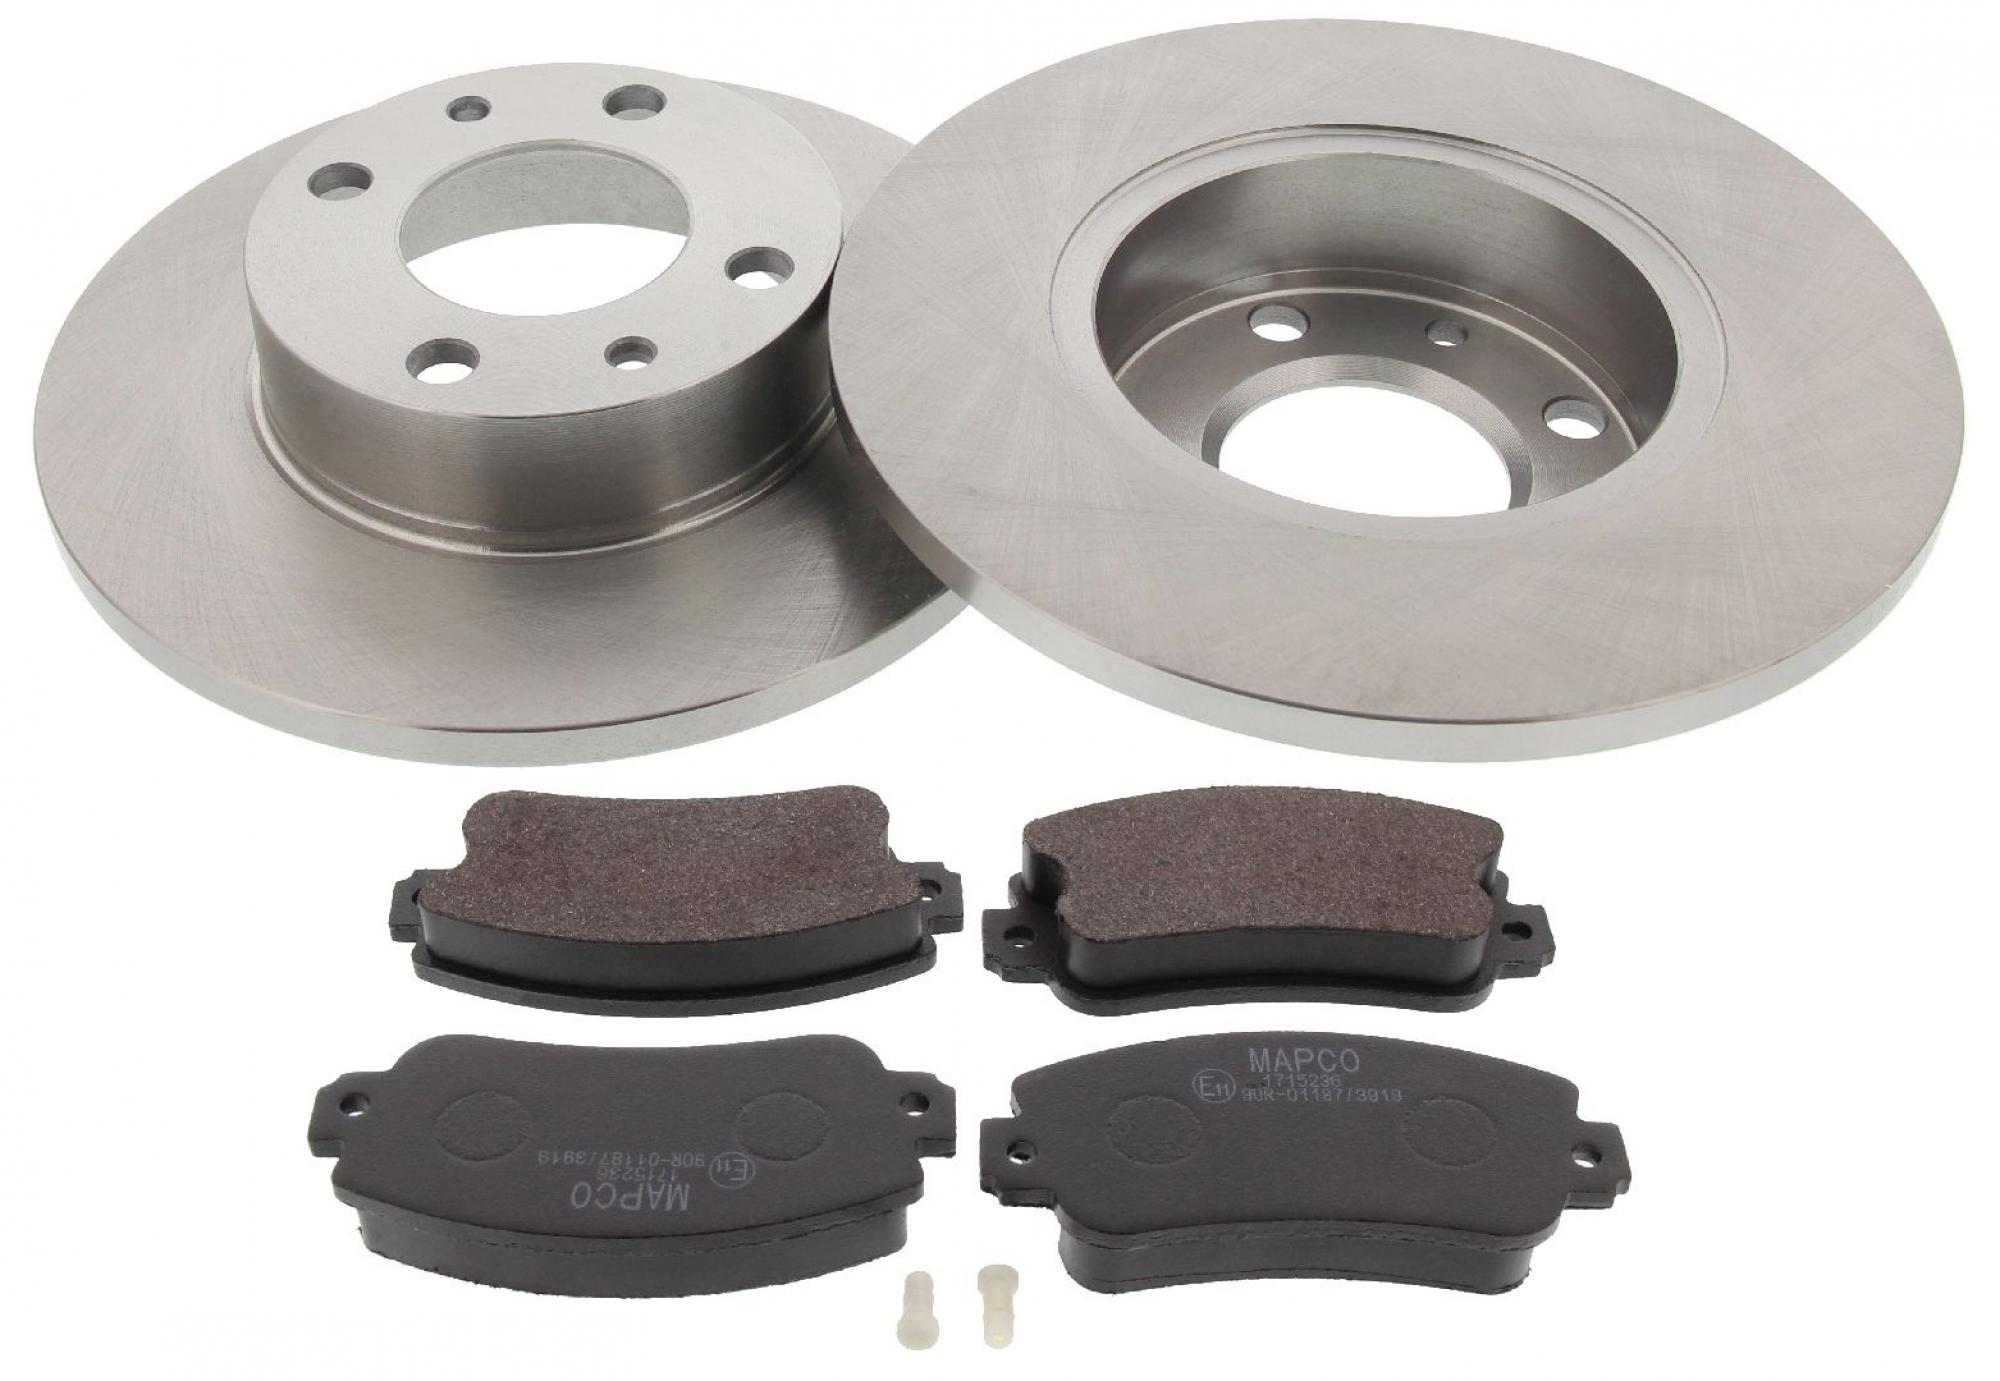 MAPCO 47010 Bremsensatz Bremsscheiben mit Bremsbelägen Vorderachse